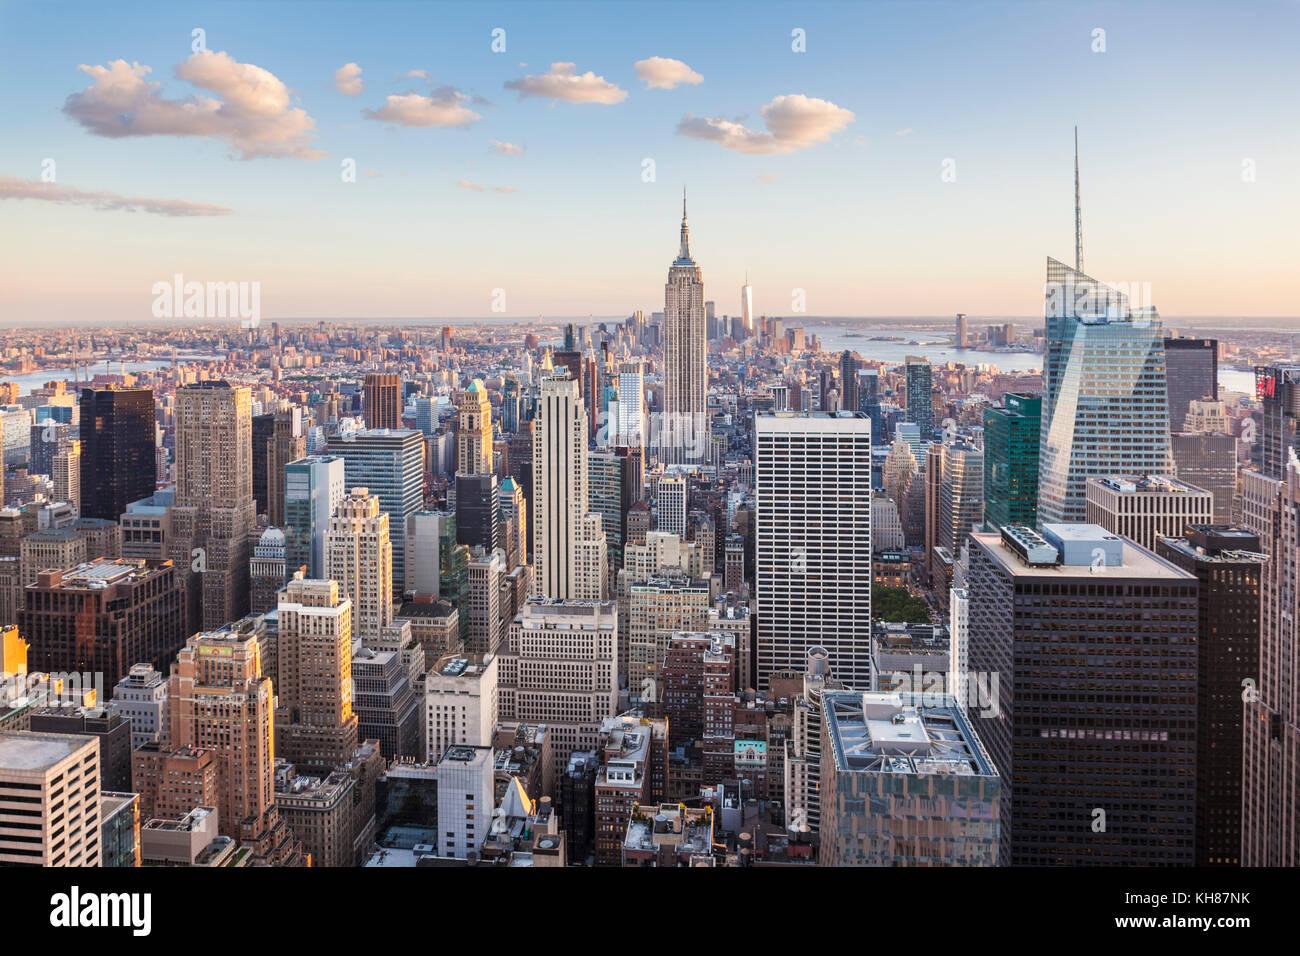 Vue de Manhattan, New York Skyline, Empire State Building, New York City, États-Unis d'Amérique, Amérique Photo Stock